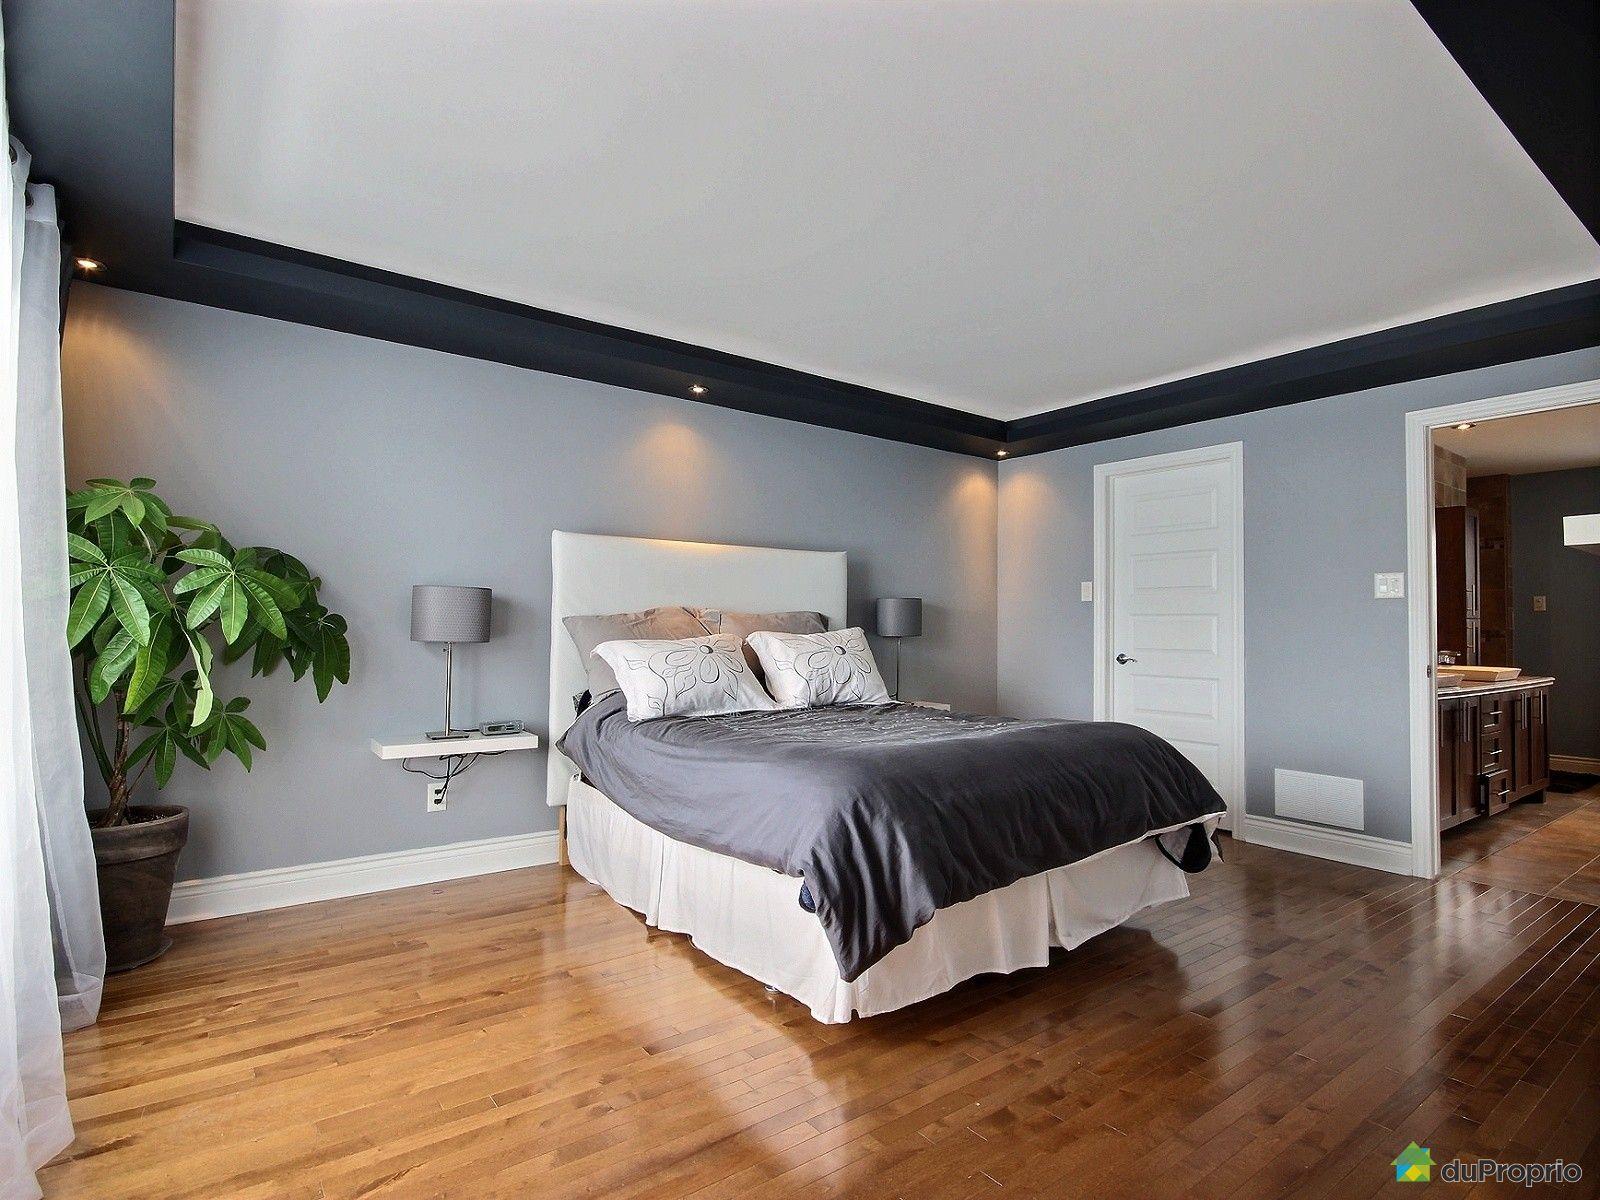 Maison vendre mirabel 16725 rue iberville immobilier for Chambre de commerce mirabel